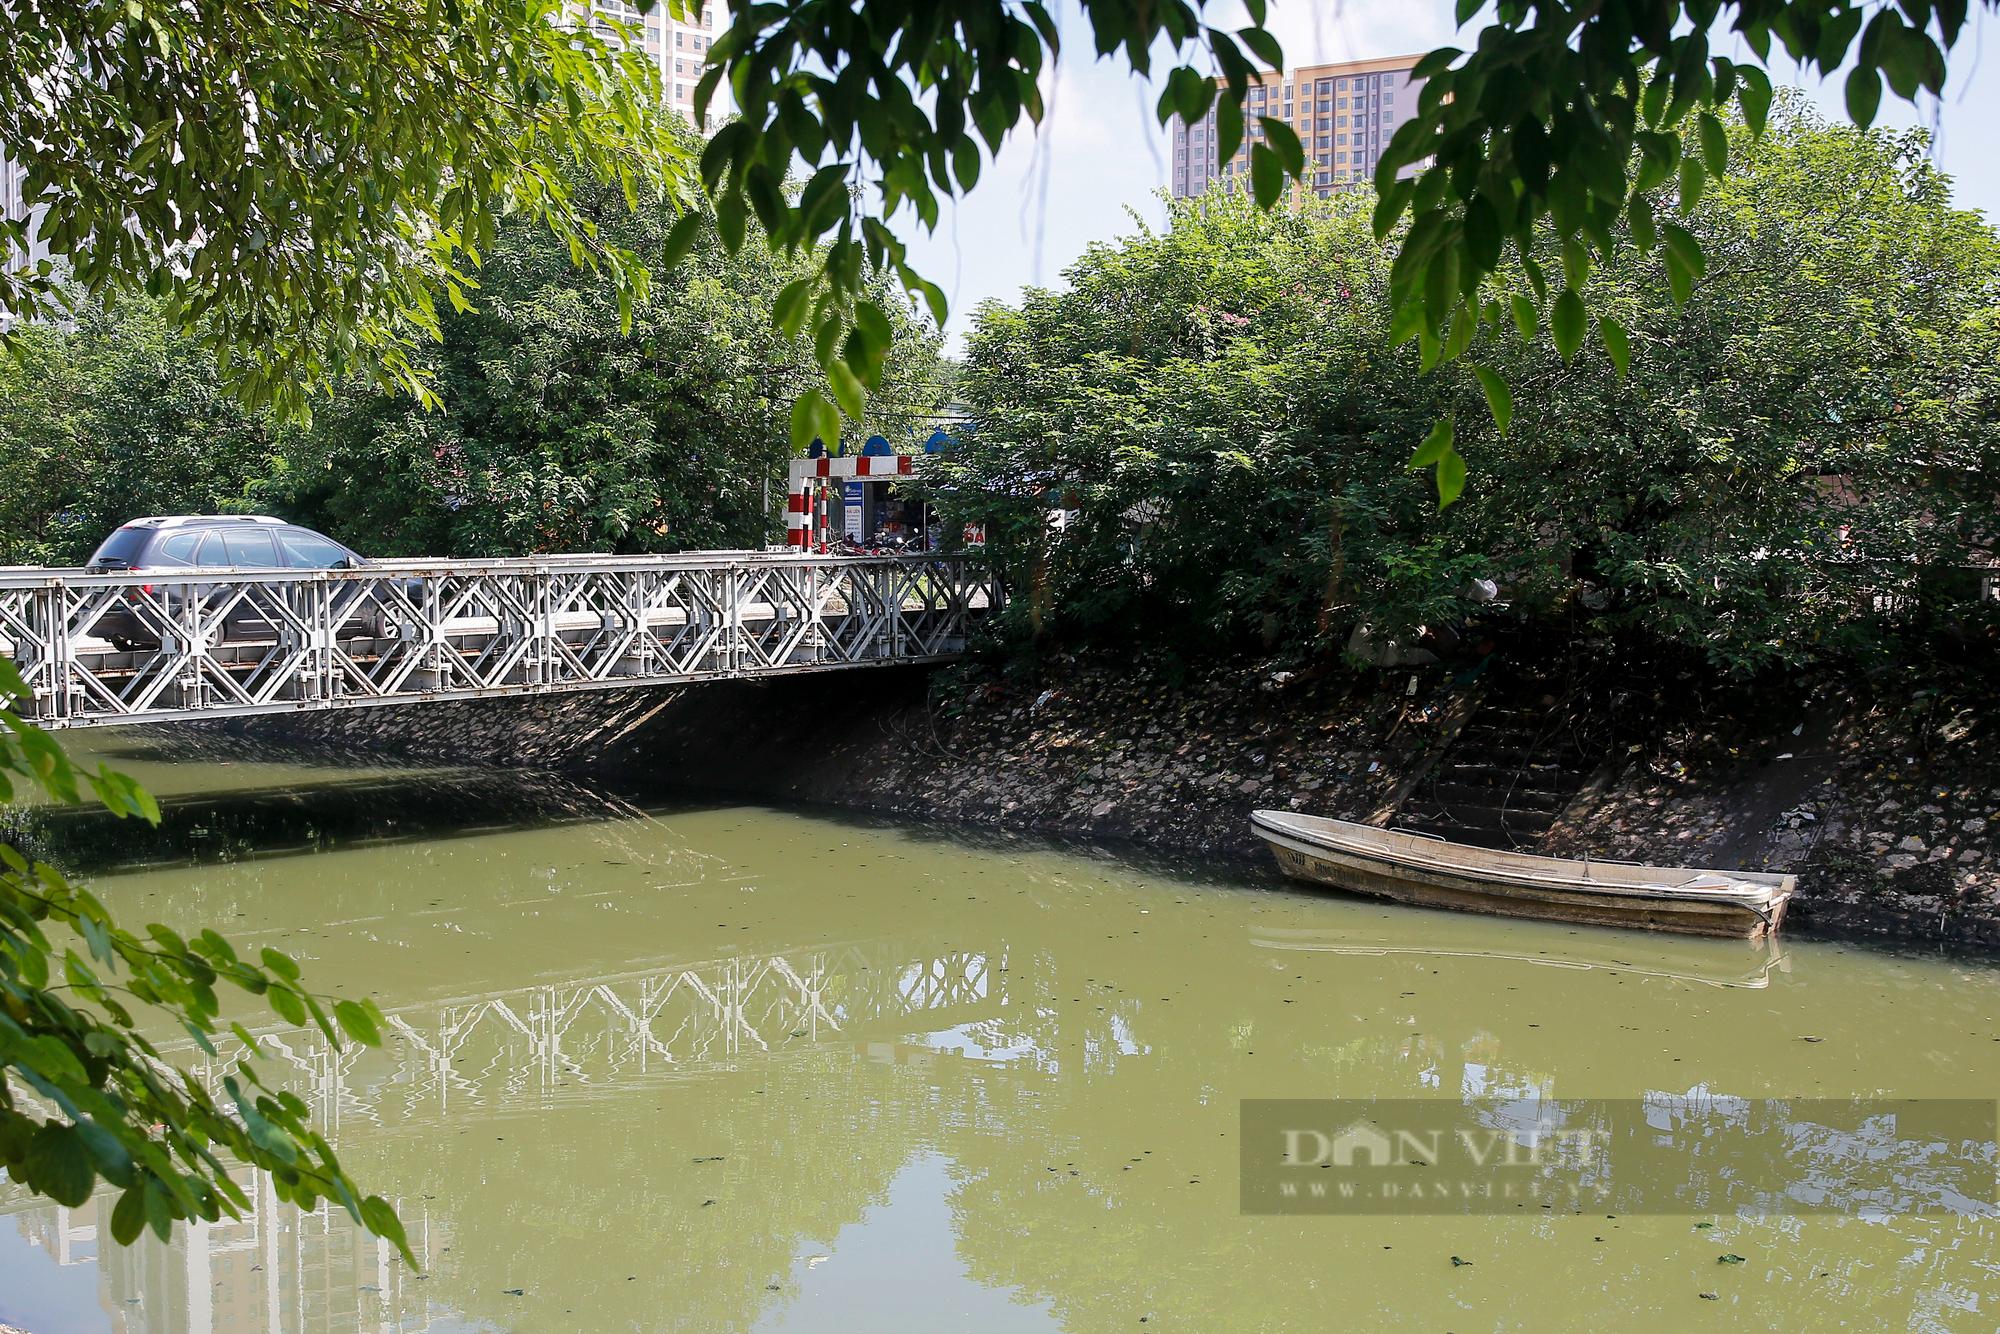 Vẻ đẹp khác lạ của con sông ô nhiễm nhất Hà Nội sau khi đổi màu nước - Ảnh 8.